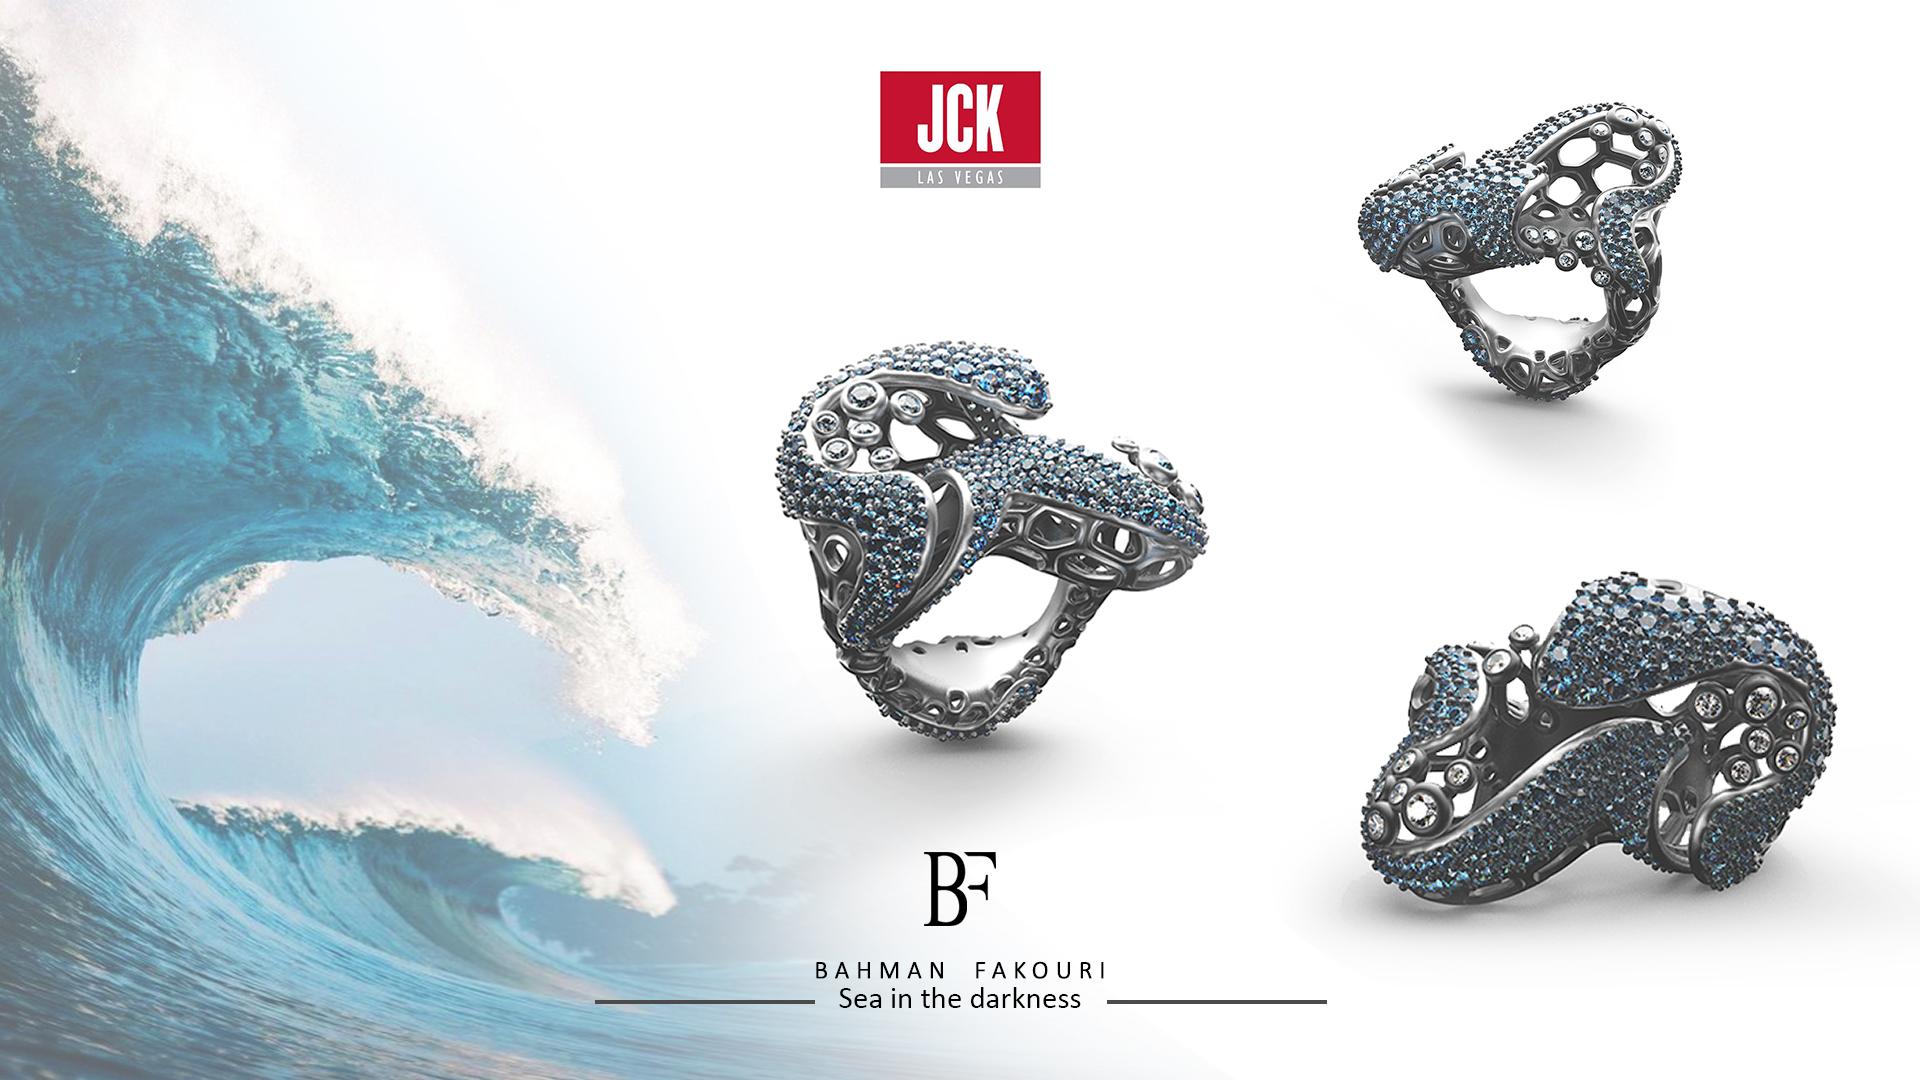 طراحی طلا و جواهرات| بهمن فکوری | Bahman Fakouri | نمایشگاه لاس وگاس